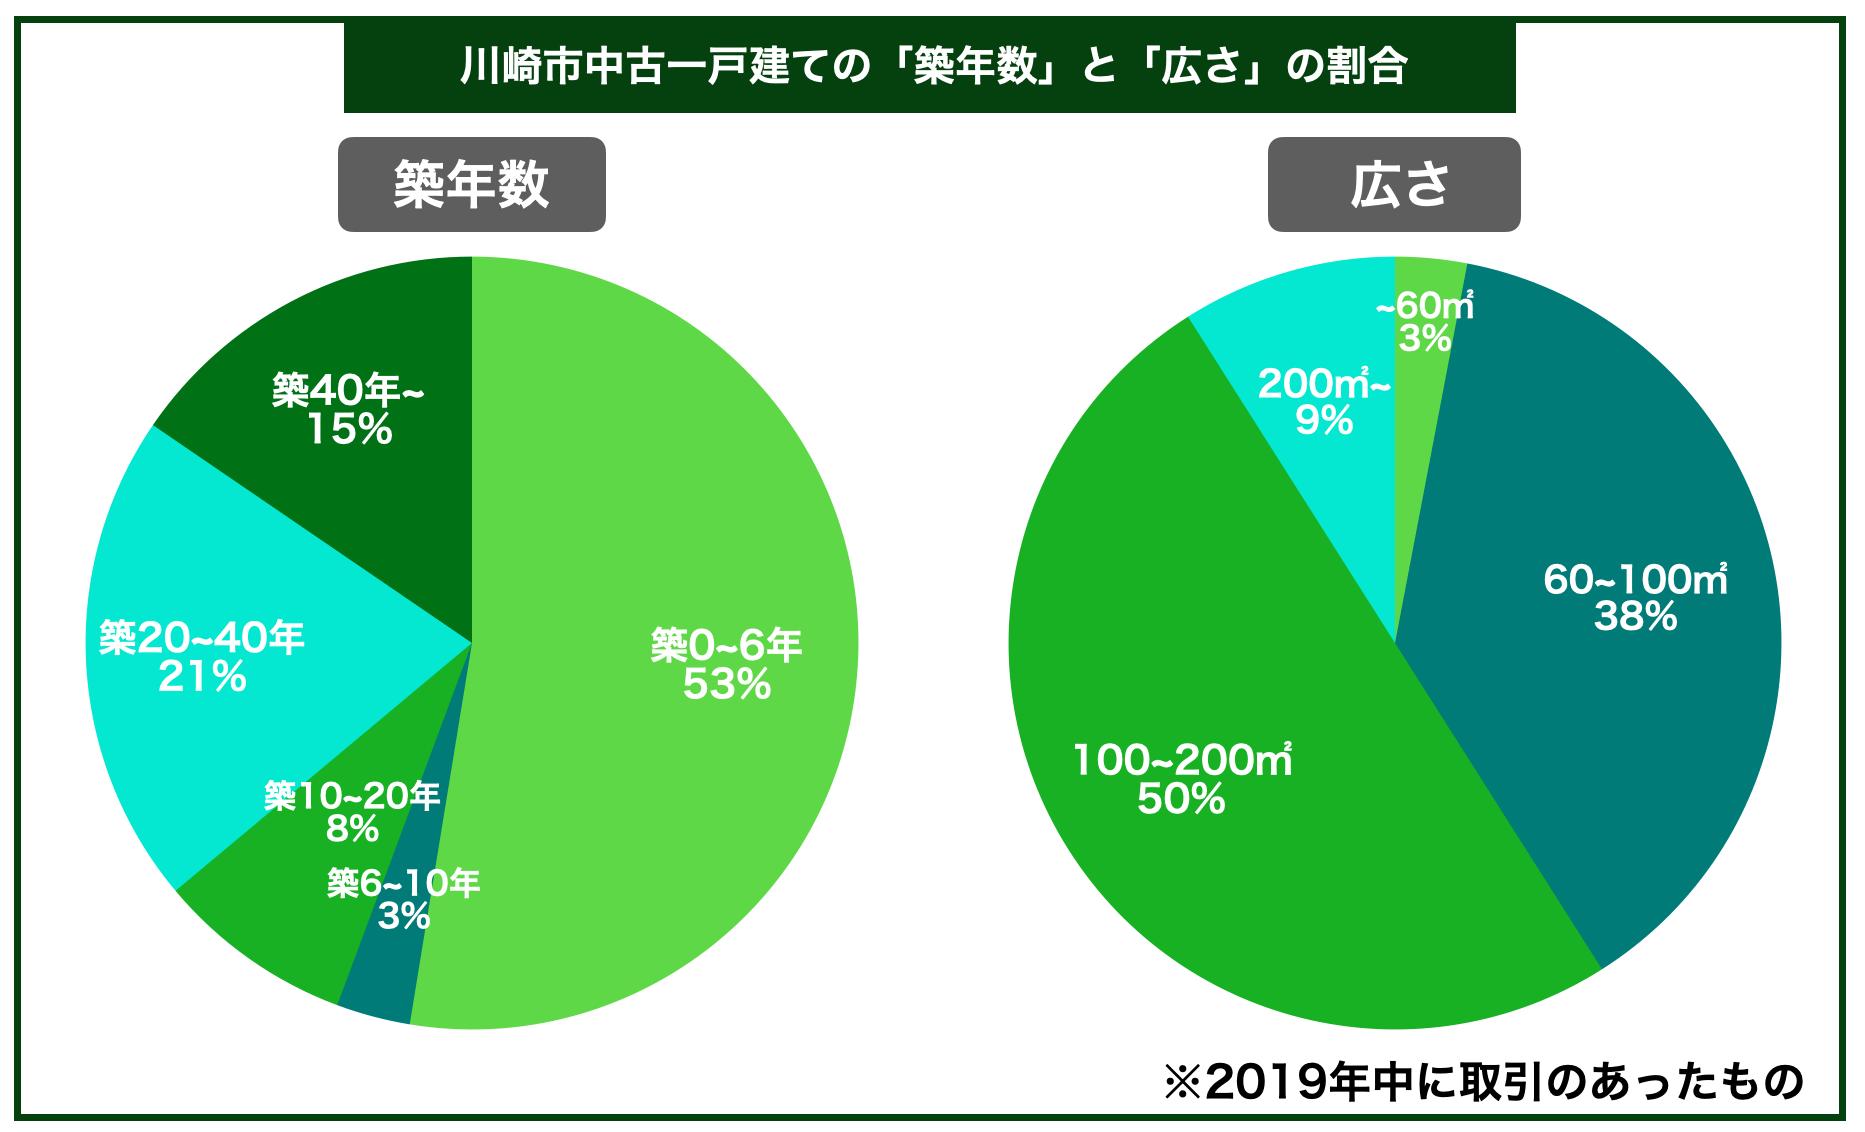 川崎市中古一戸建ての平均築年数と広さの割合